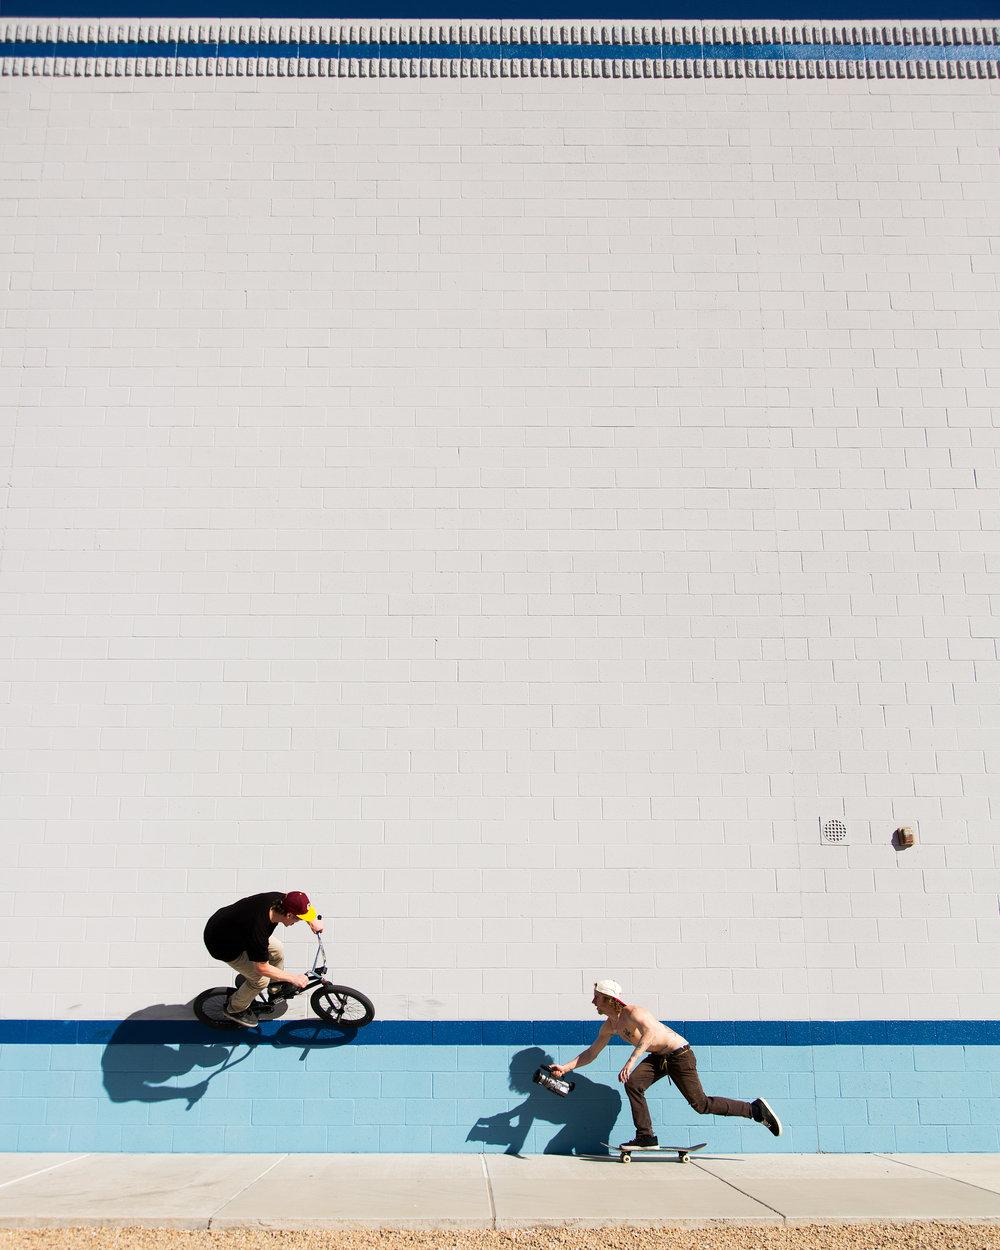 Tony-Malouf-Dillon-Lloyd-BMX-Arizona-Devin-Feil.jpg